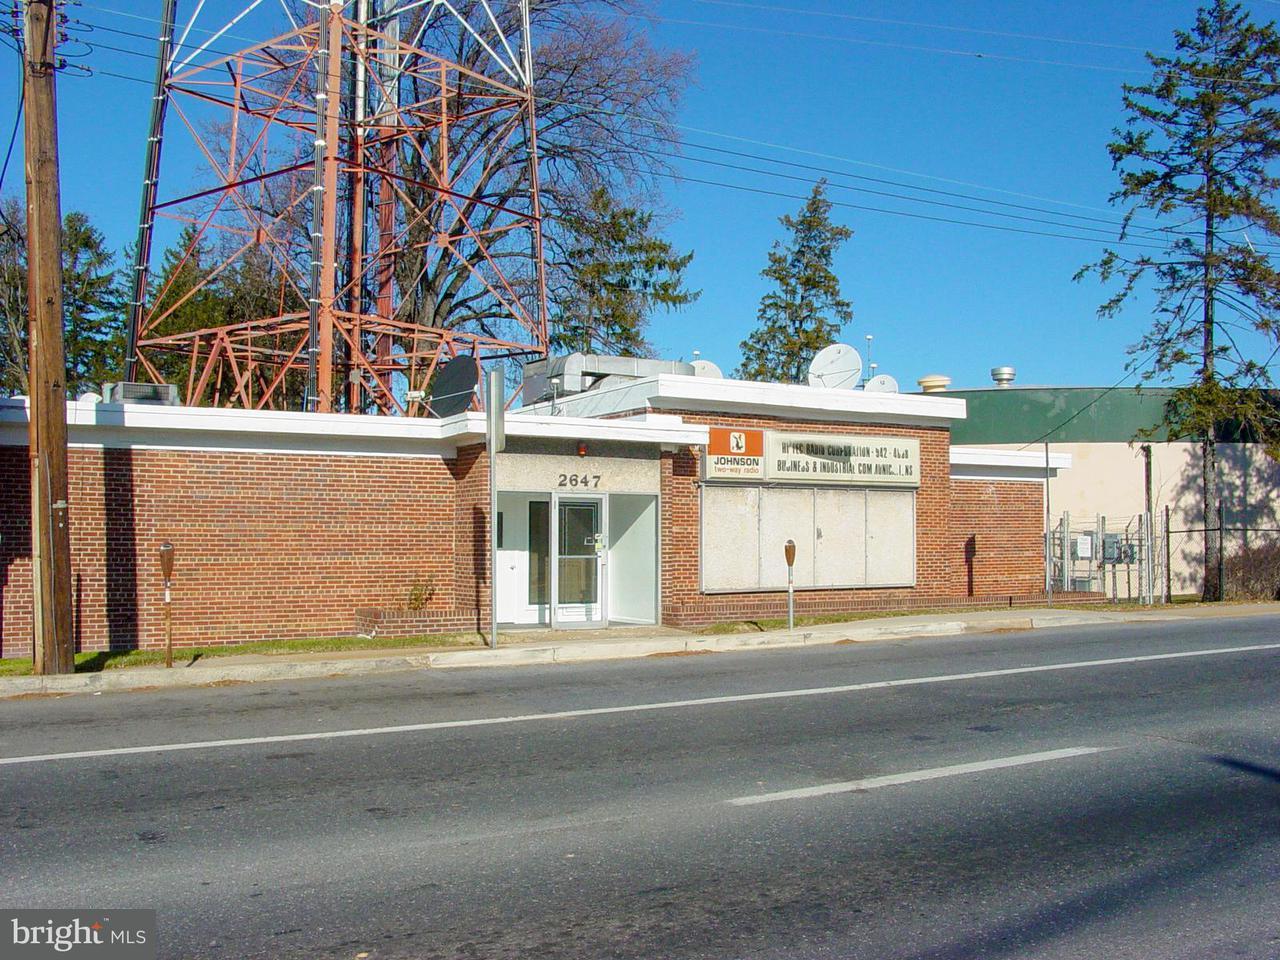 komerziell für Verkauf beim 2647 University Blvd W 2647 University Blvd W Silver Spring, Maryland 20902 Vereinigte Staaten